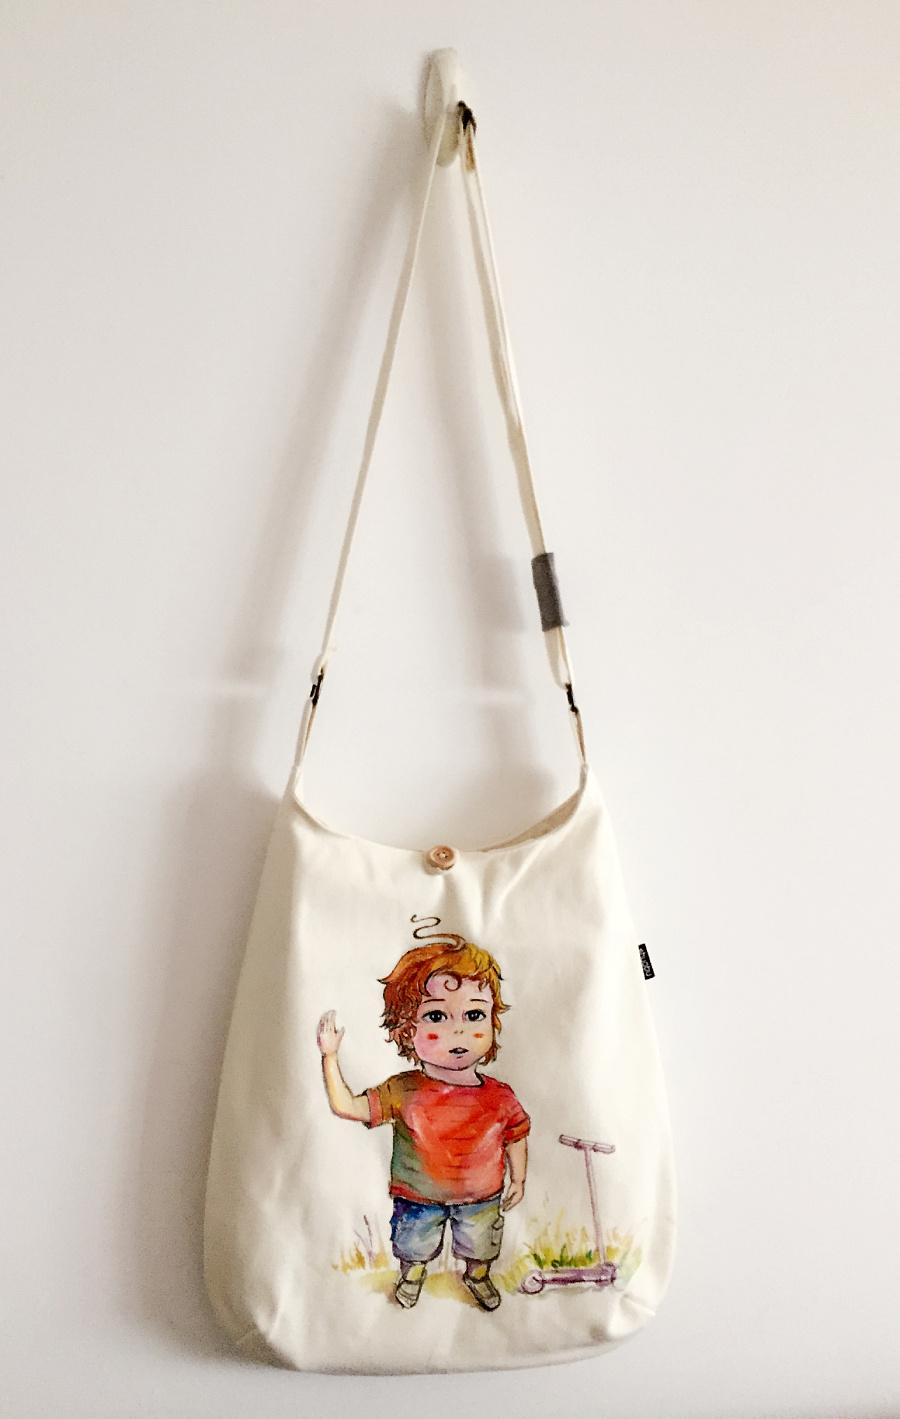 原创手绘布包